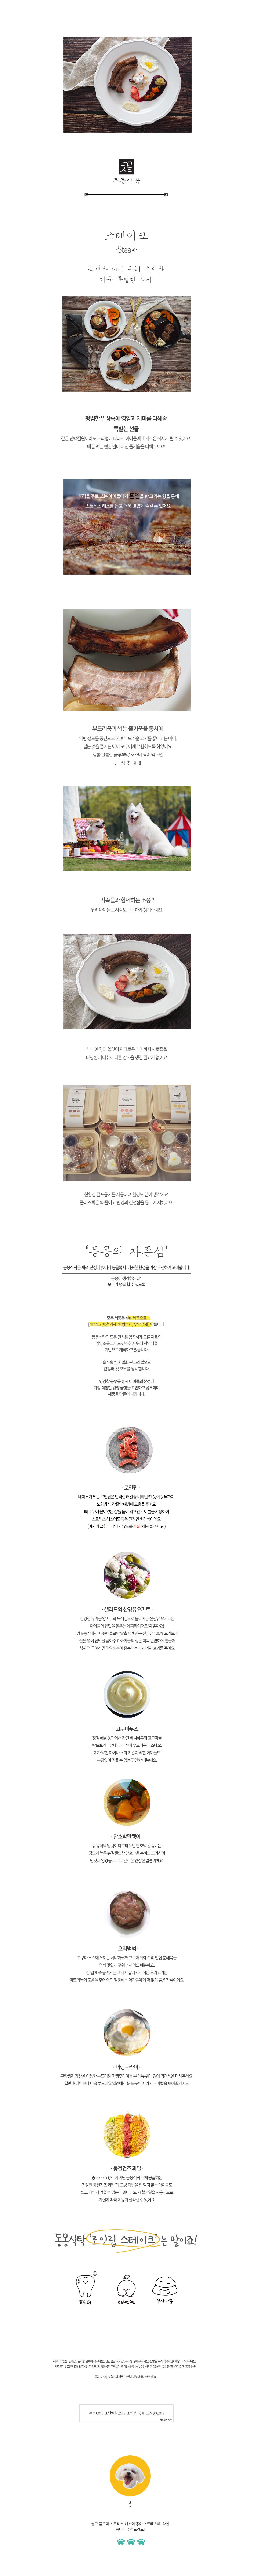 강아지 수제간식 로인립스테이크 세트 230g - 동몽식탁, 11,000원, 간식/영양제, 수제간식